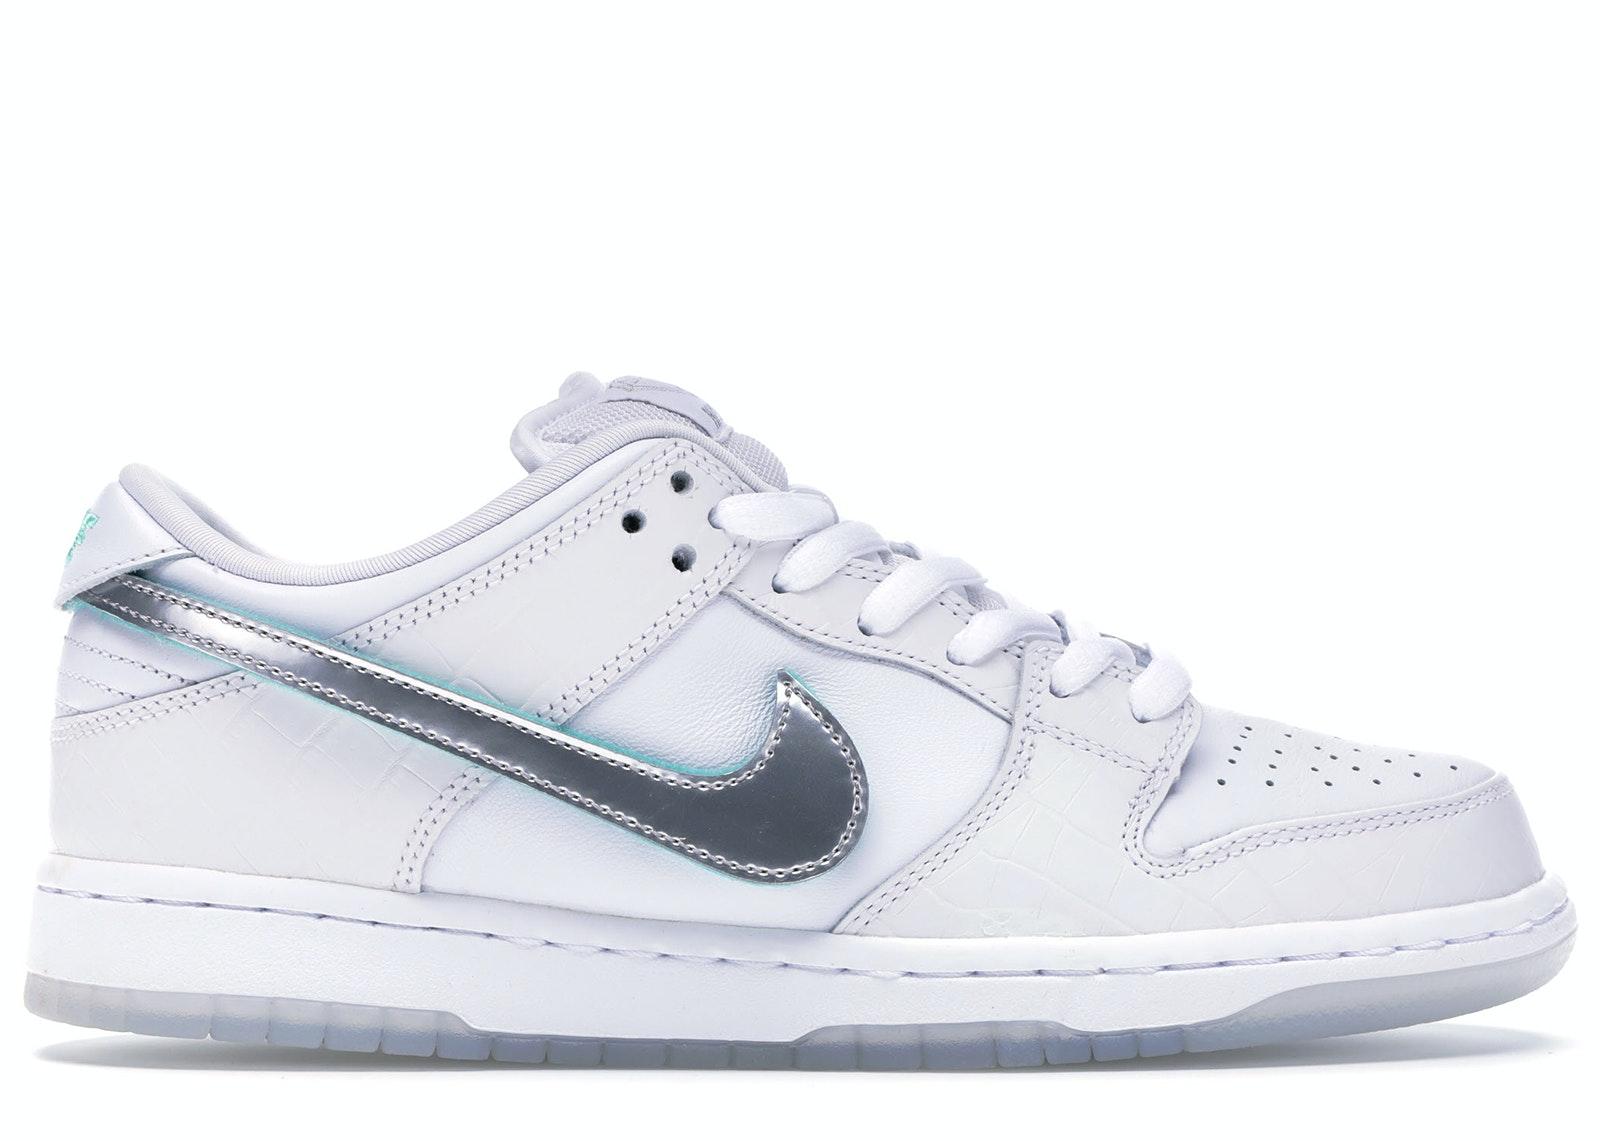 Nike SB Dunk Low Diamond Supply Co White Diamond